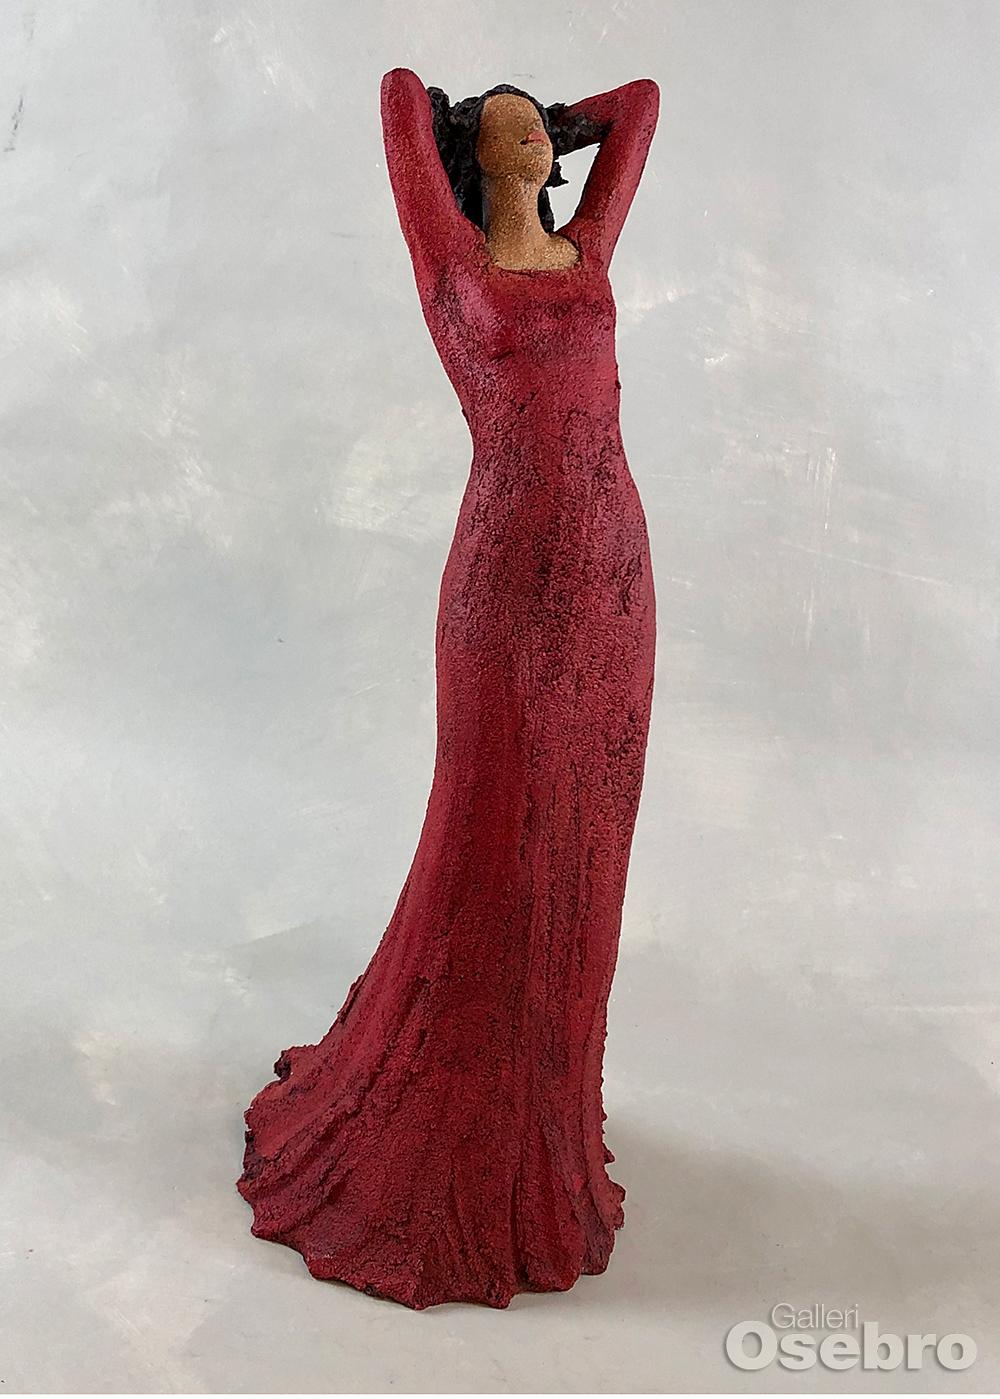 Dahlin, Ingun - Stående dame i rødt